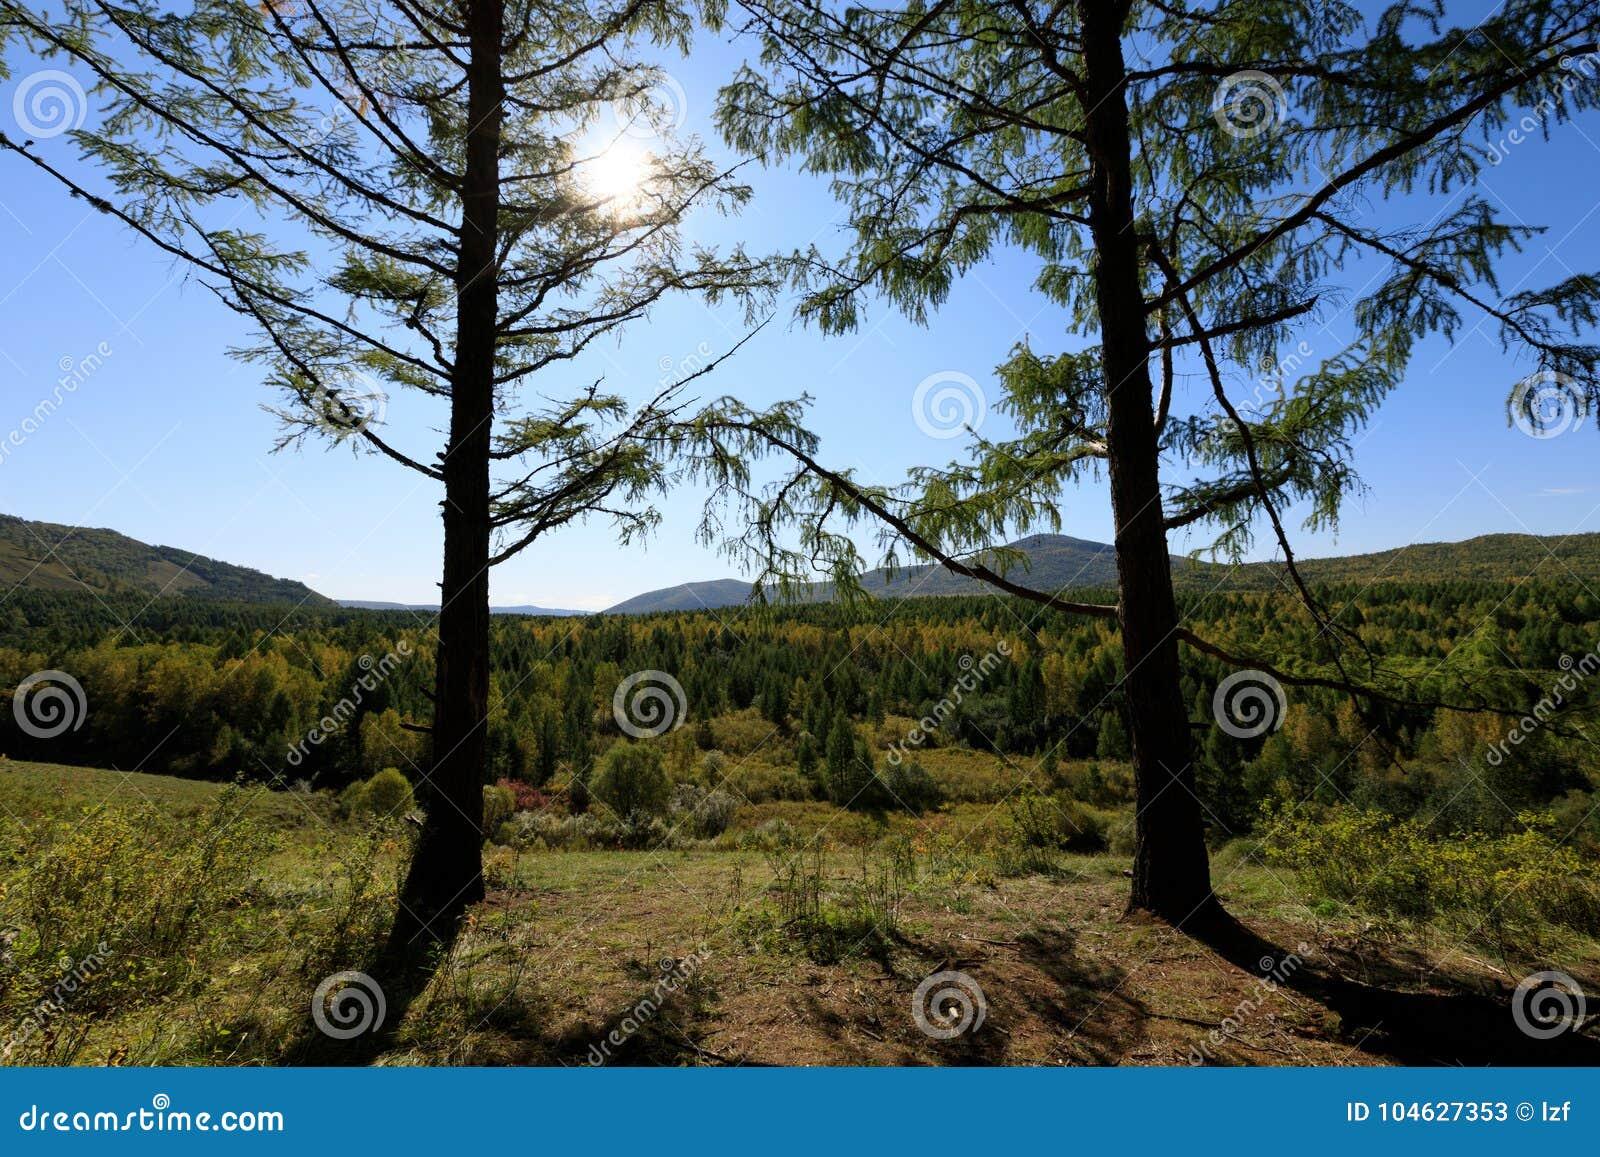 Download Het bos van pijnboombomen stock afbeelding. Afbeelding bestaande uit openlucht - 104627353